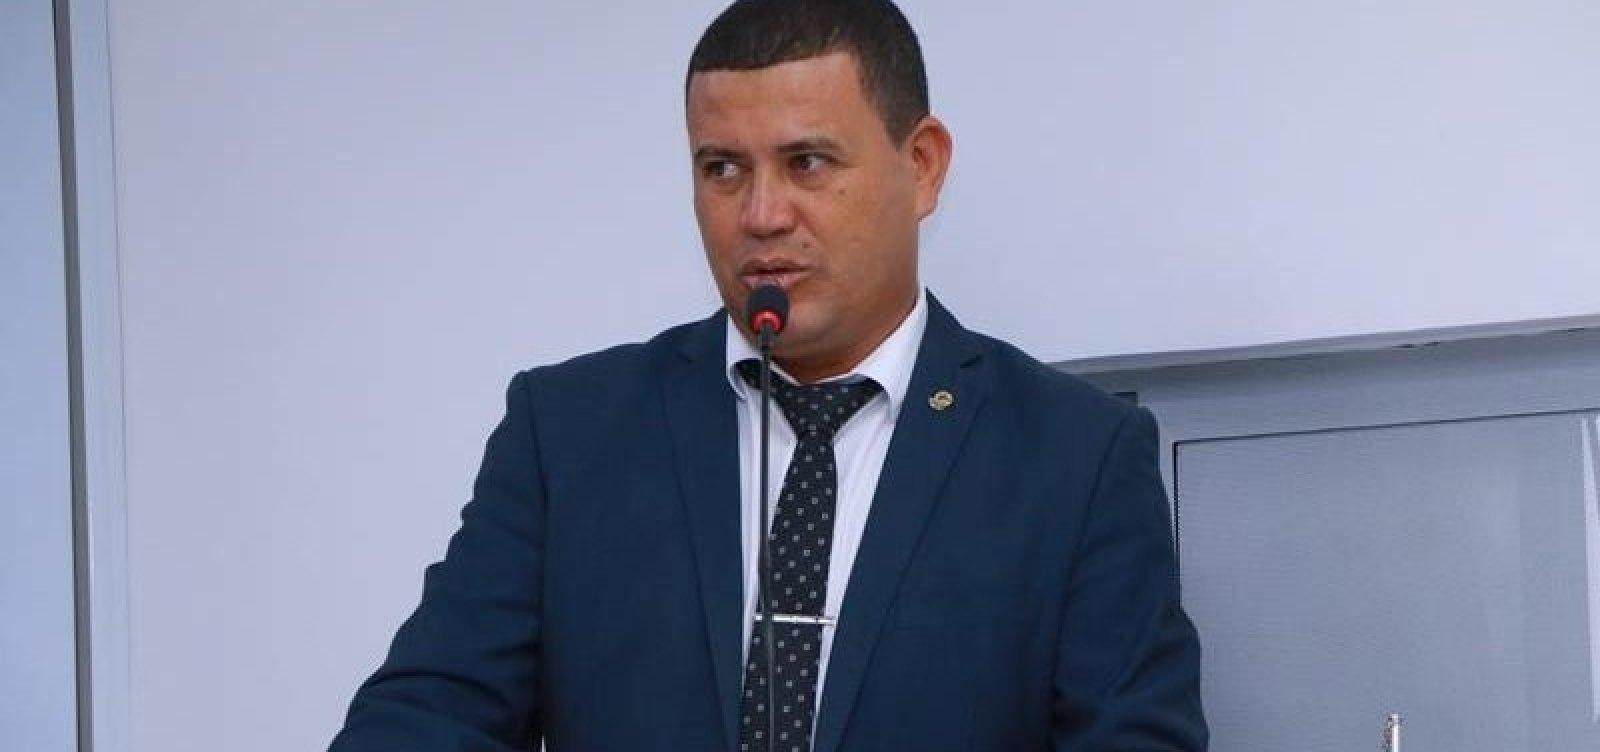 Suspeito de balear vereador em atentado no sul da Bahia é detido